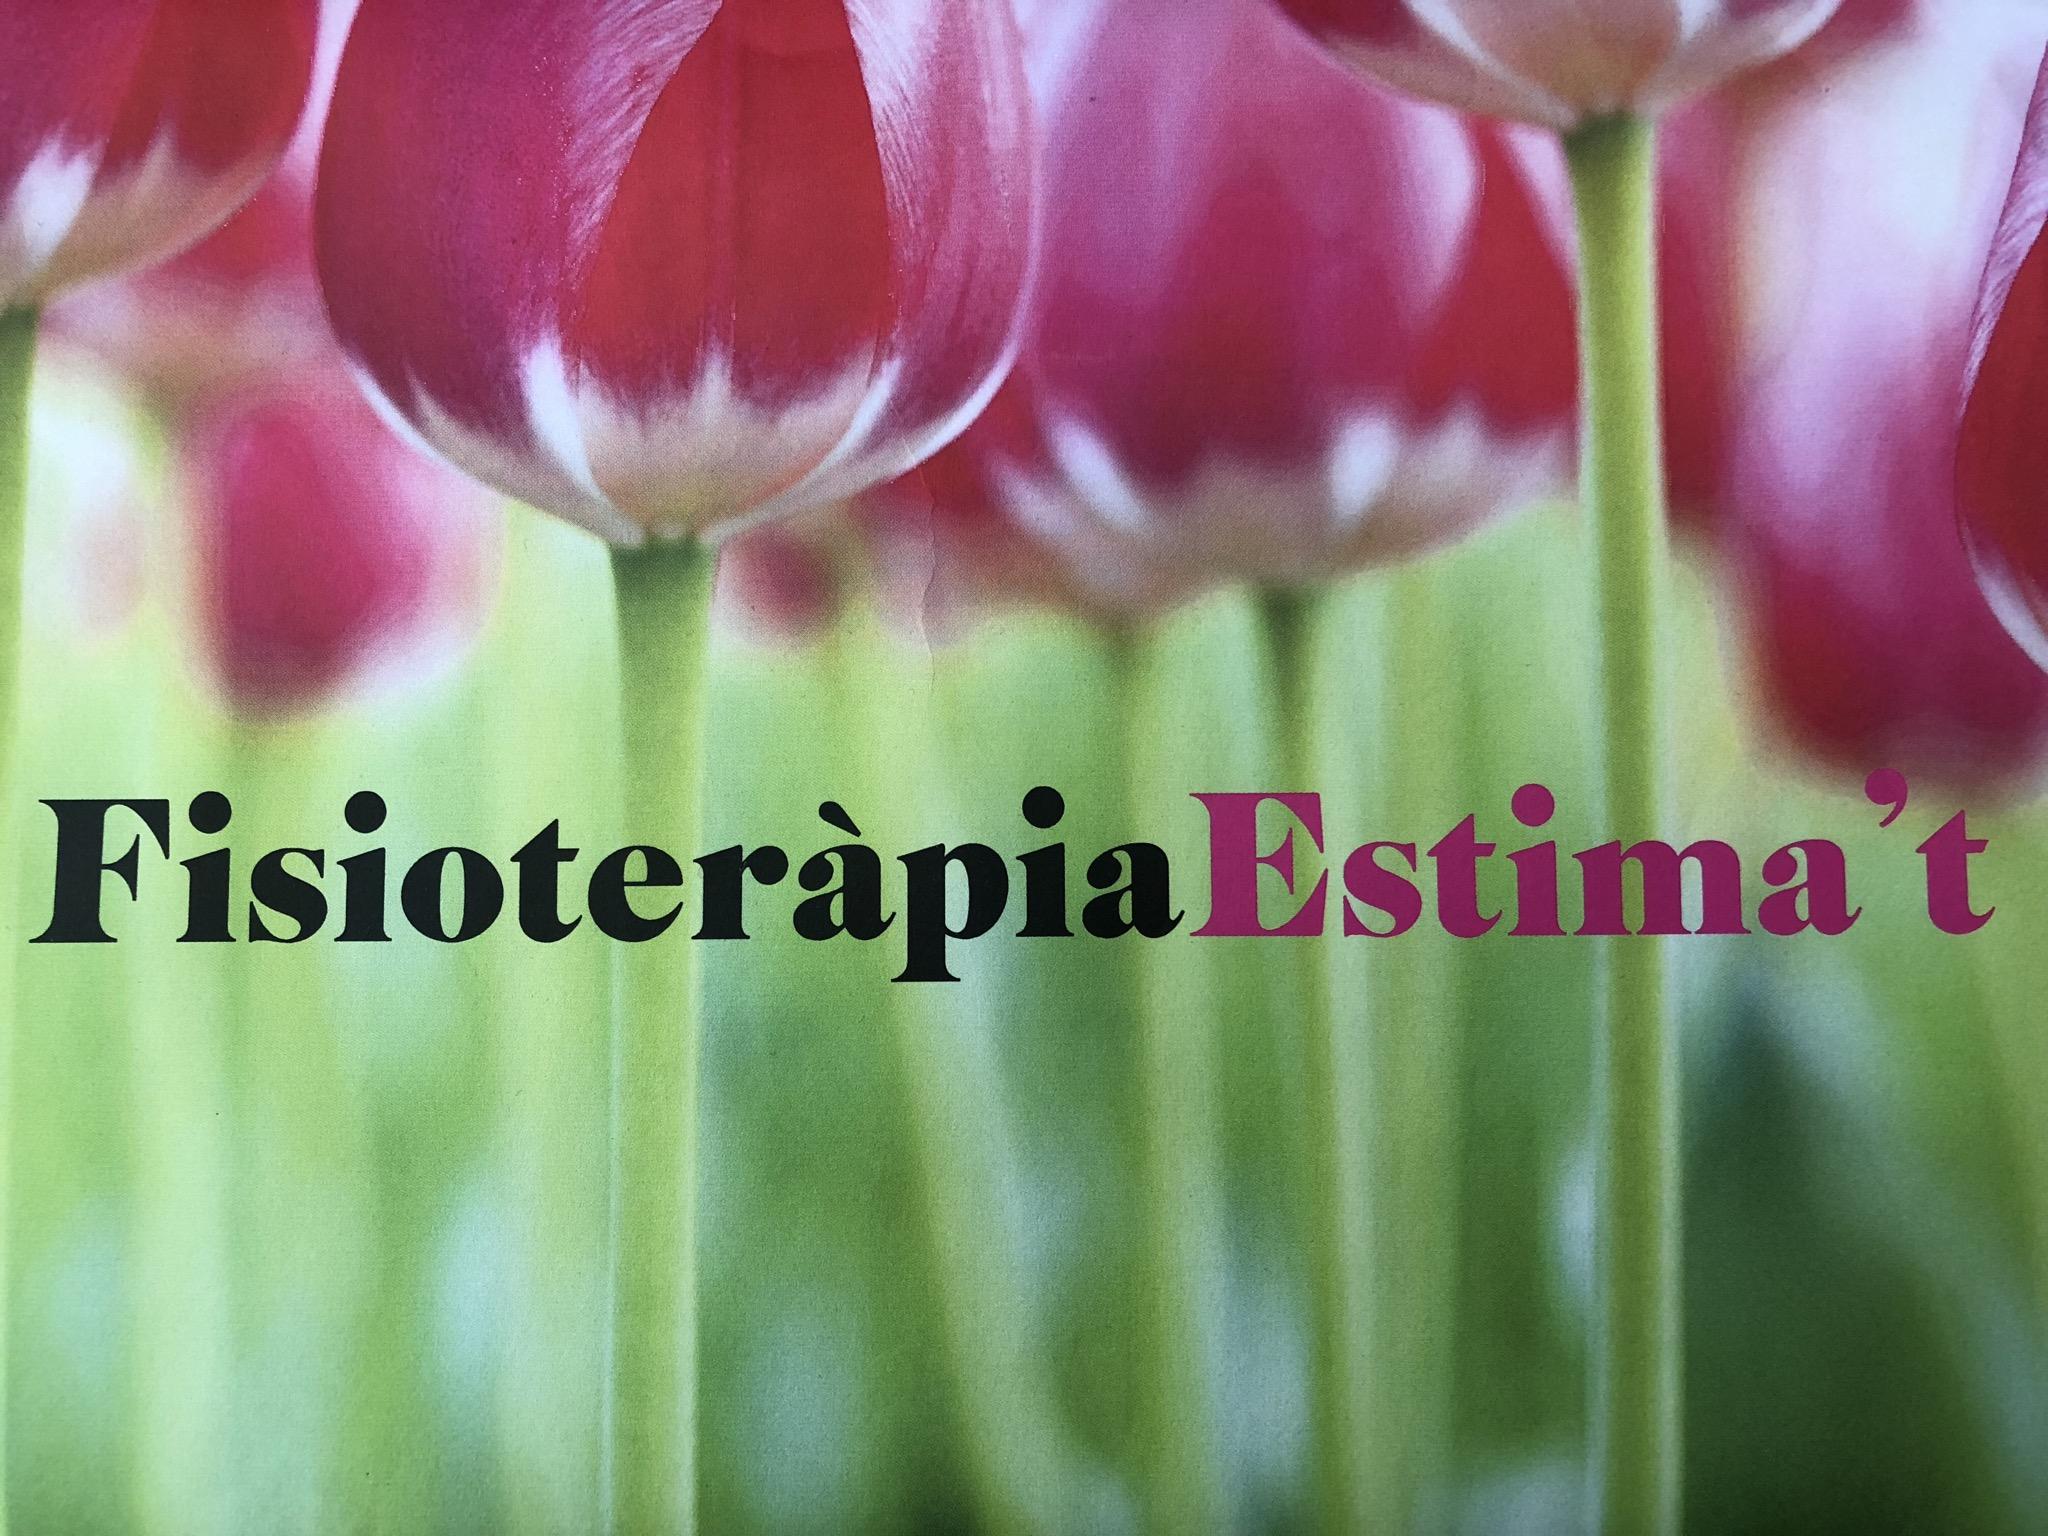 FISIOTERAPIA ESTIMA'T